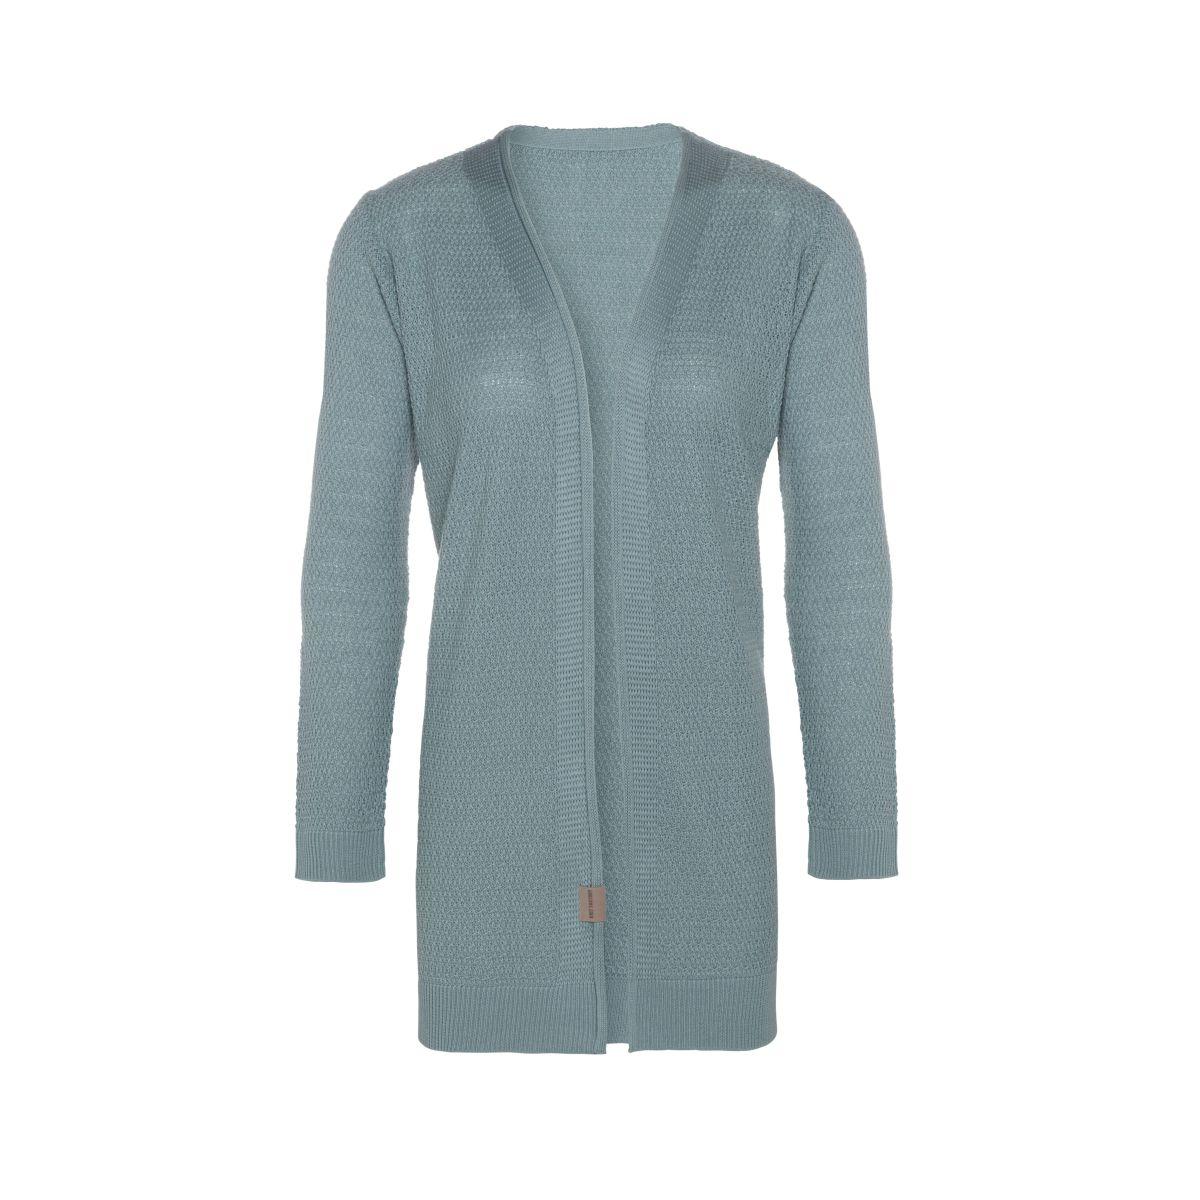 knit factory kf14108100951 emy vest stone green 4042 1